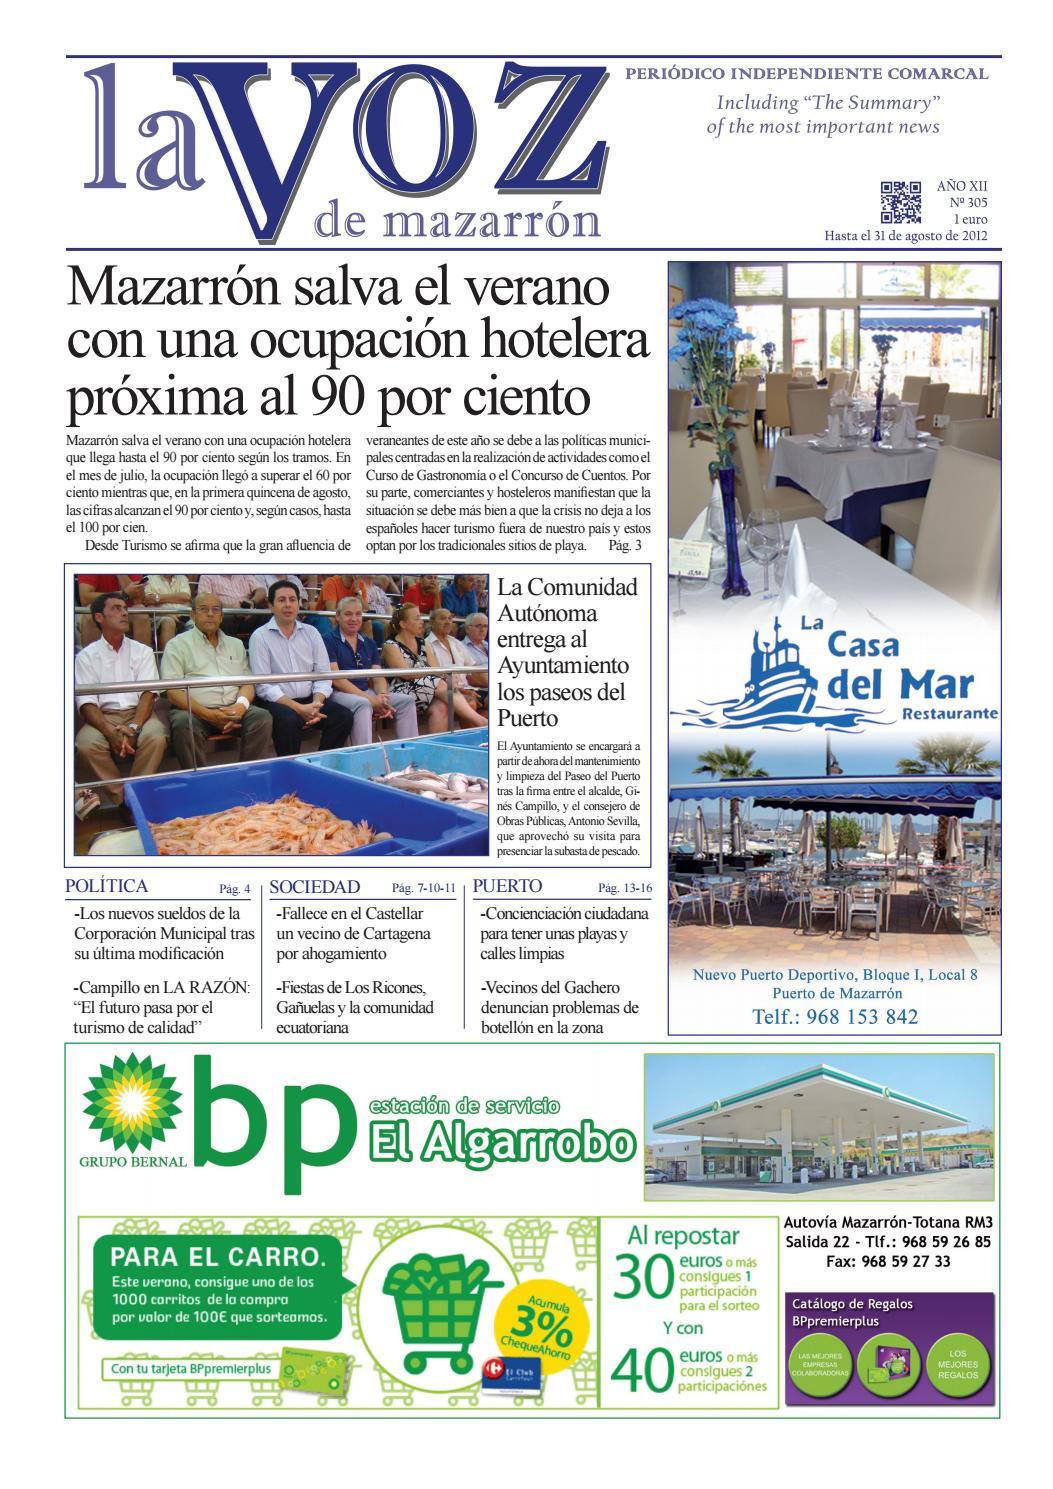 Voz305 by La Voz de Mazarrón (Periódico) - issuu